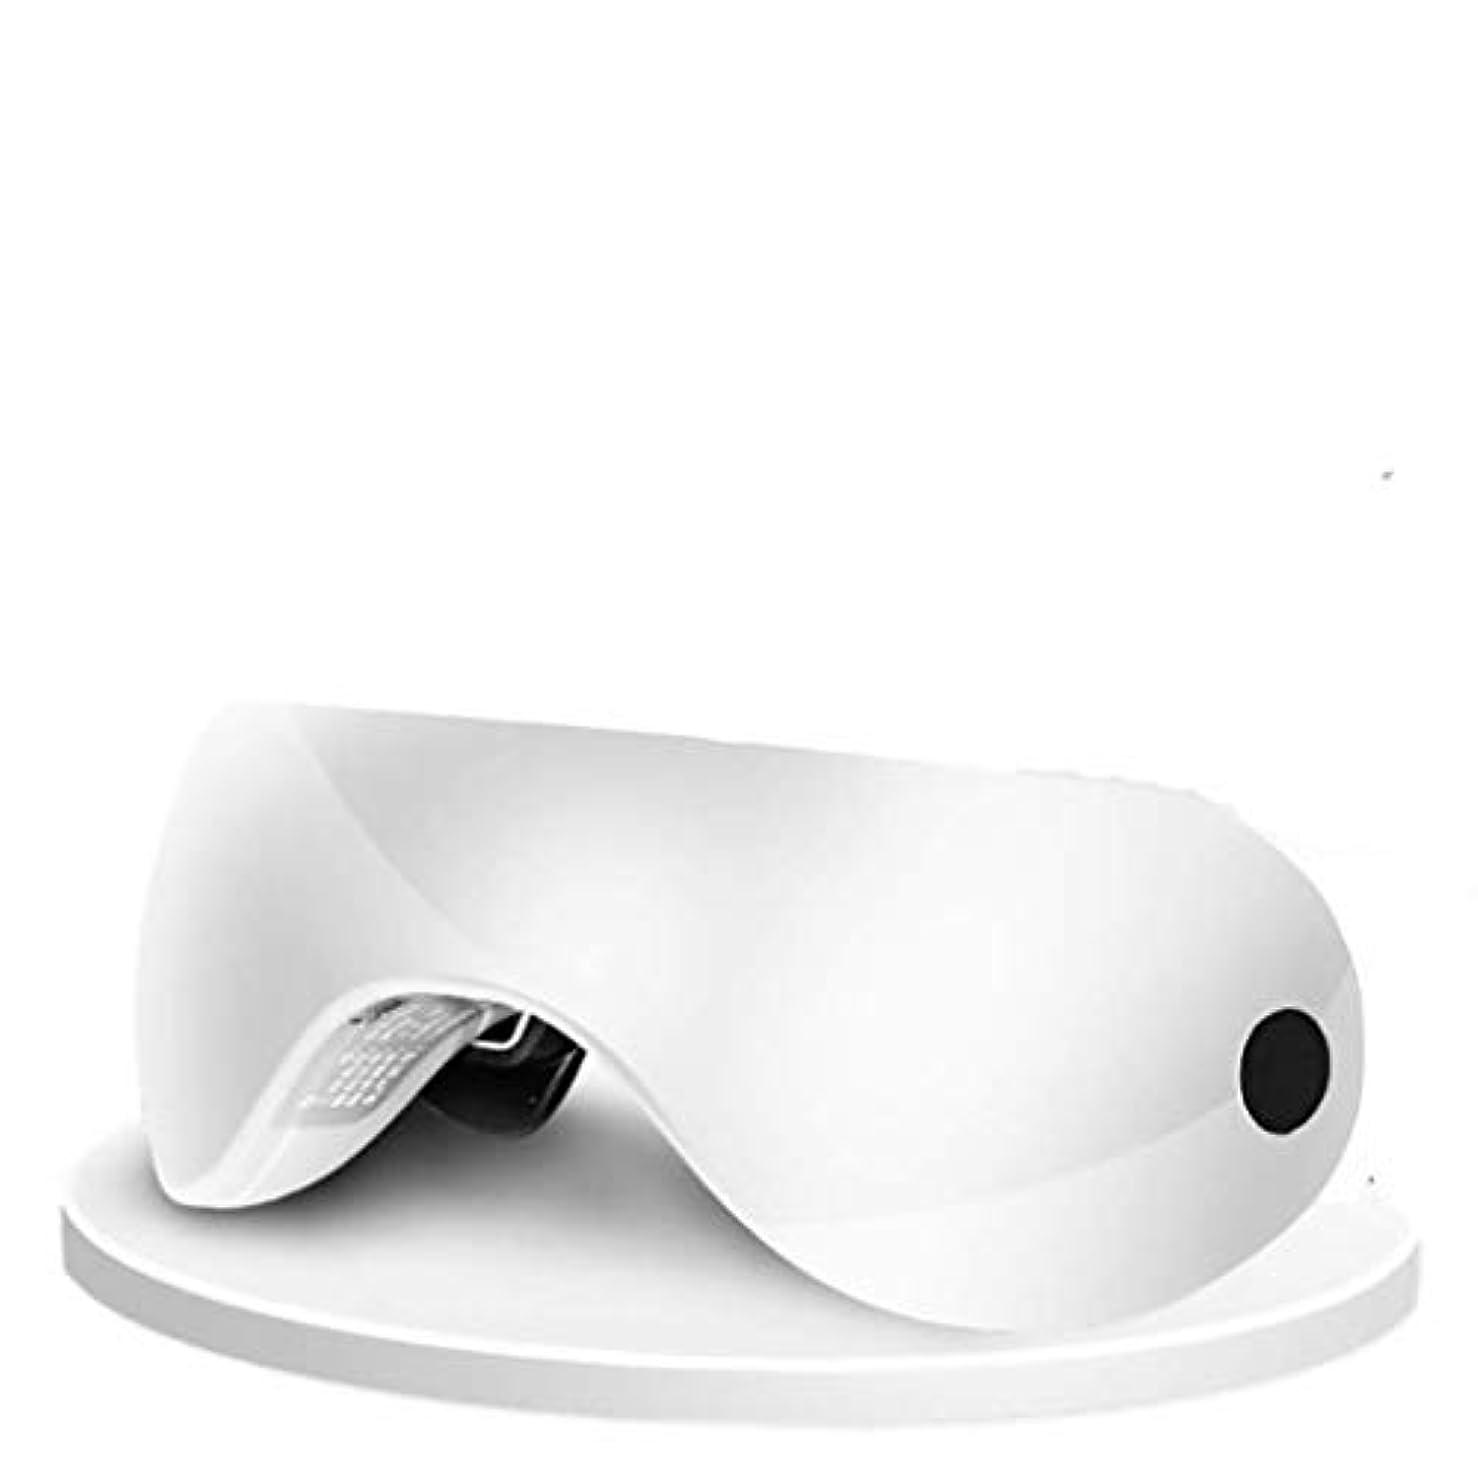 野な繁雑誰の多機能アイマッサージャー、180°折りたたみ/USB充電モード、気圧/振動/Bluetoothライトミュージック、旅行に便利/通気性、視覚保護デバイス、近視/乱視矯正